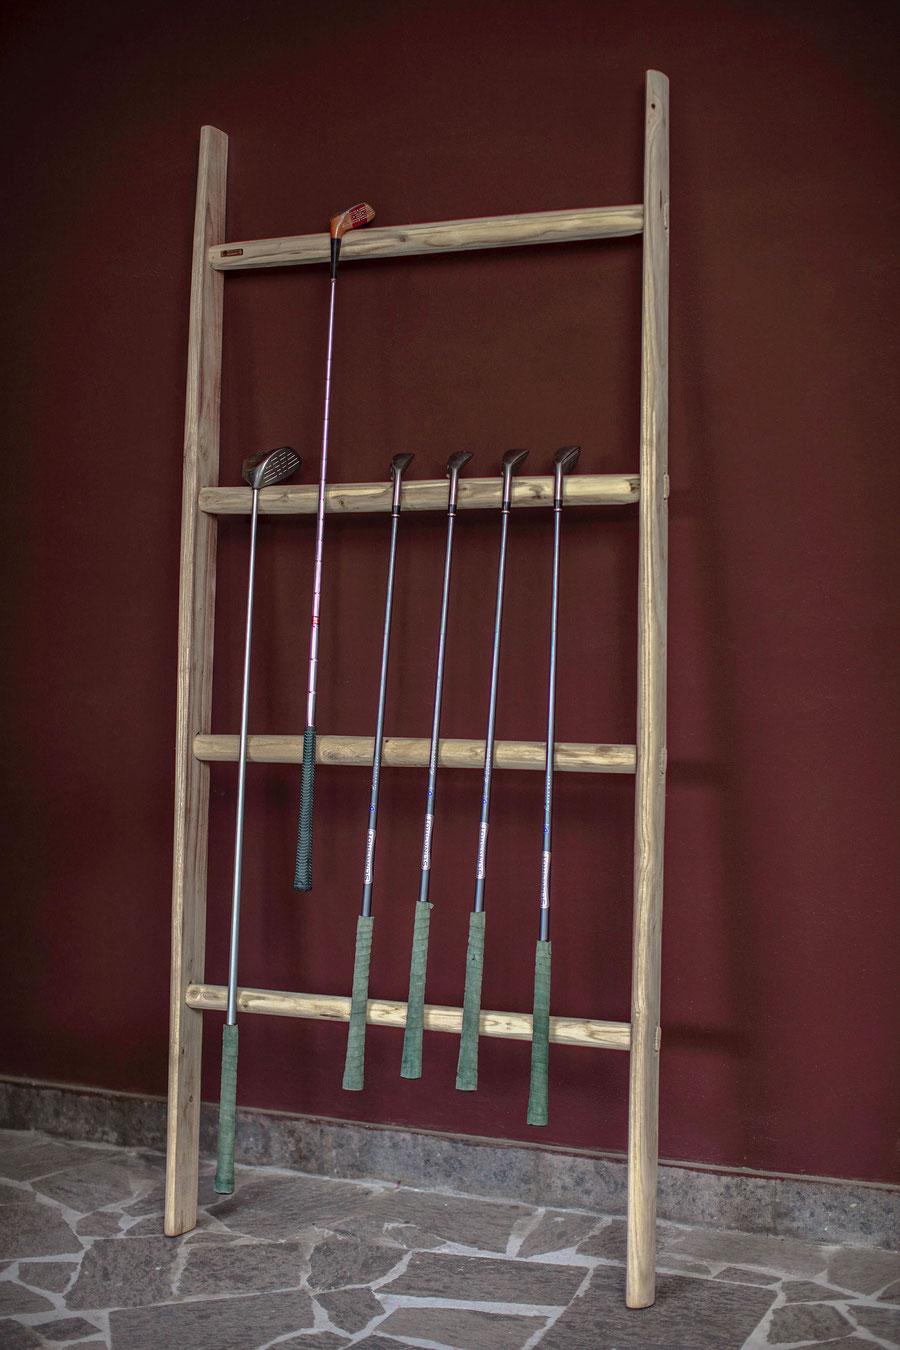 Scala a pioli in legno di ellecuorea per arredamento e decorazione - Grand ladder by ellecuorea for interior and creative decor